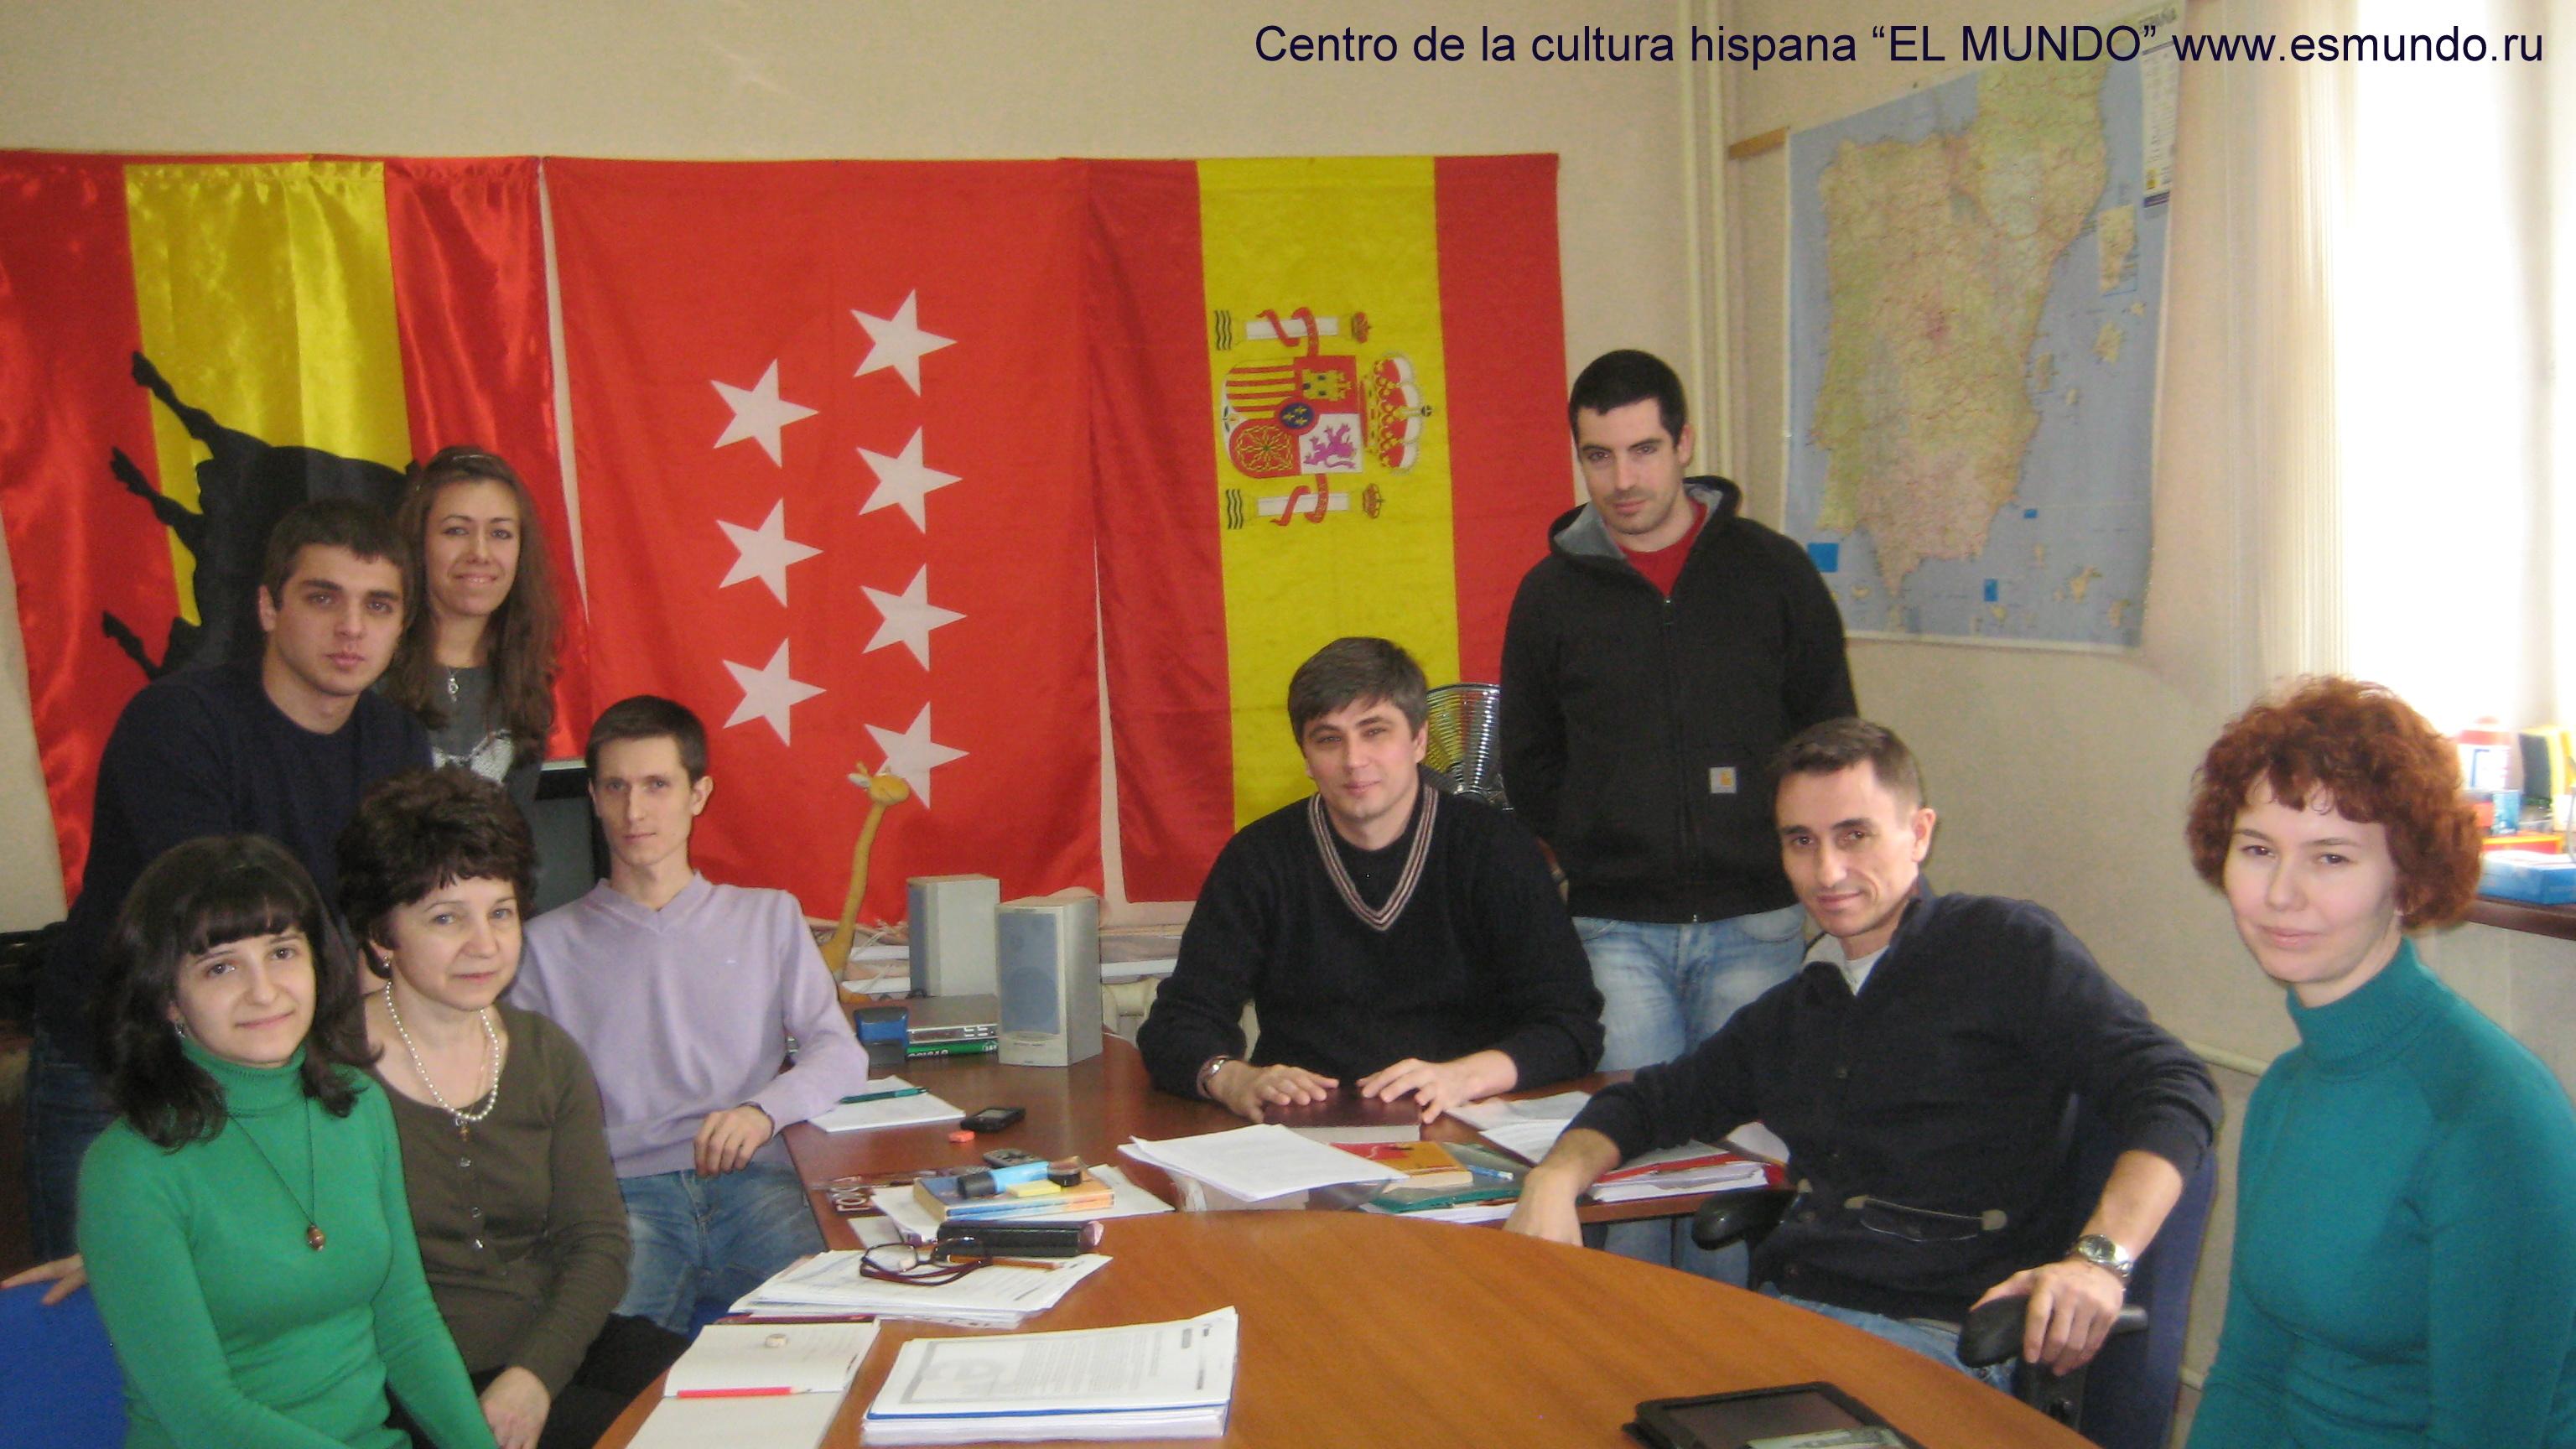 """Центр испанской культуры """"EL MUNDO""""."""